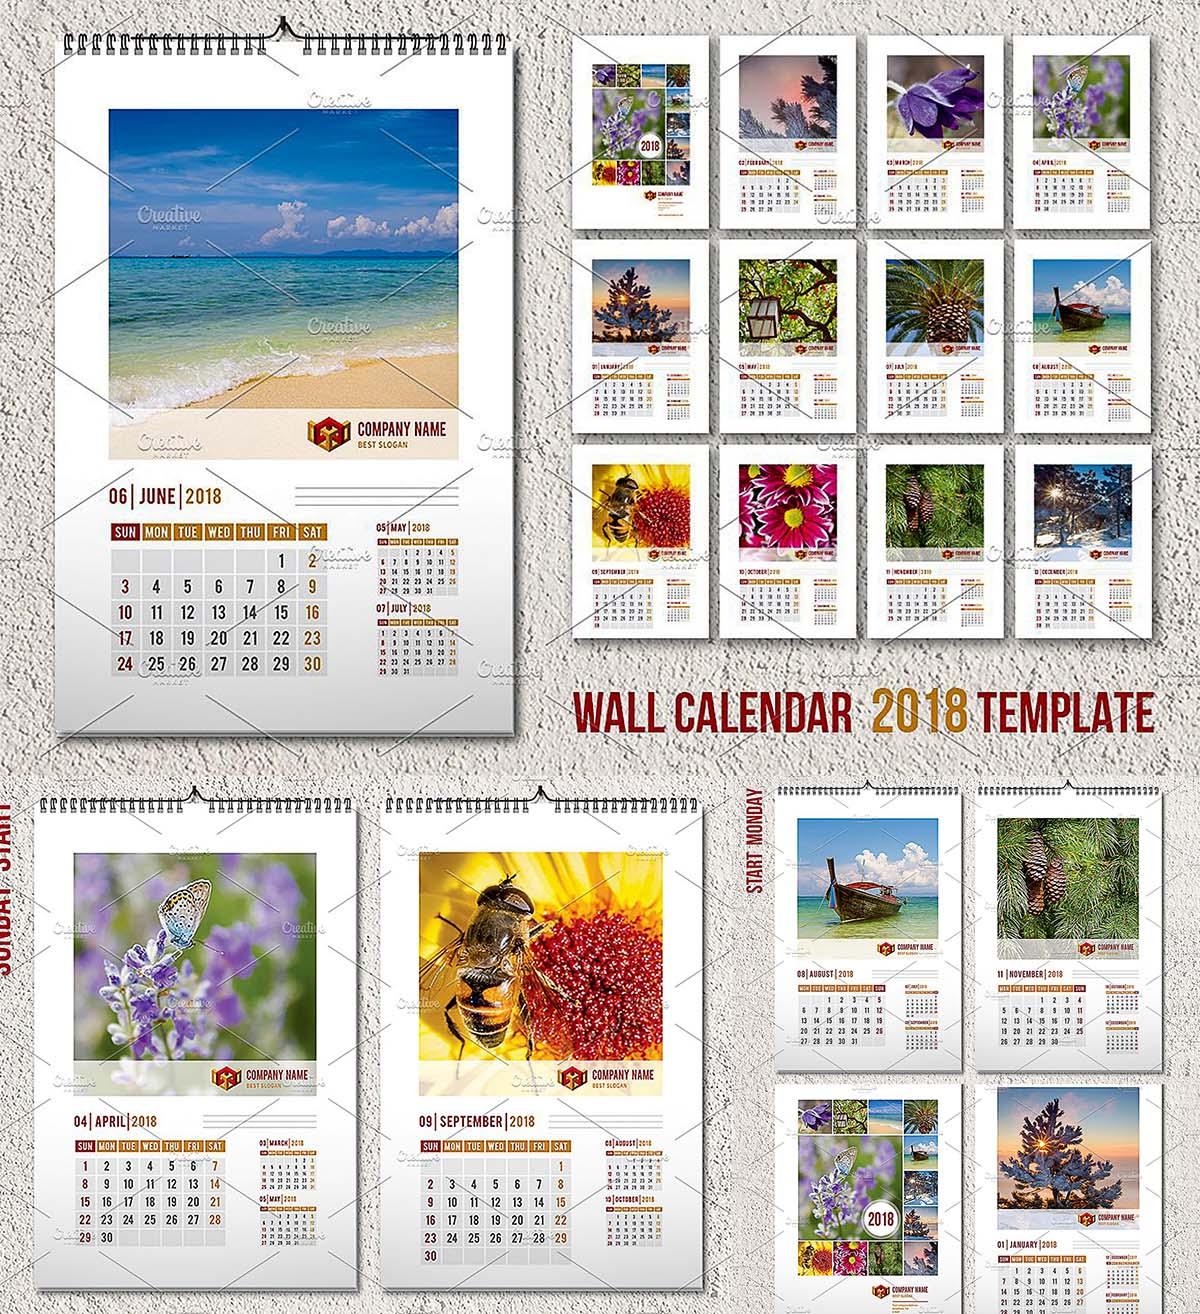 wall calendar template 2018 a3